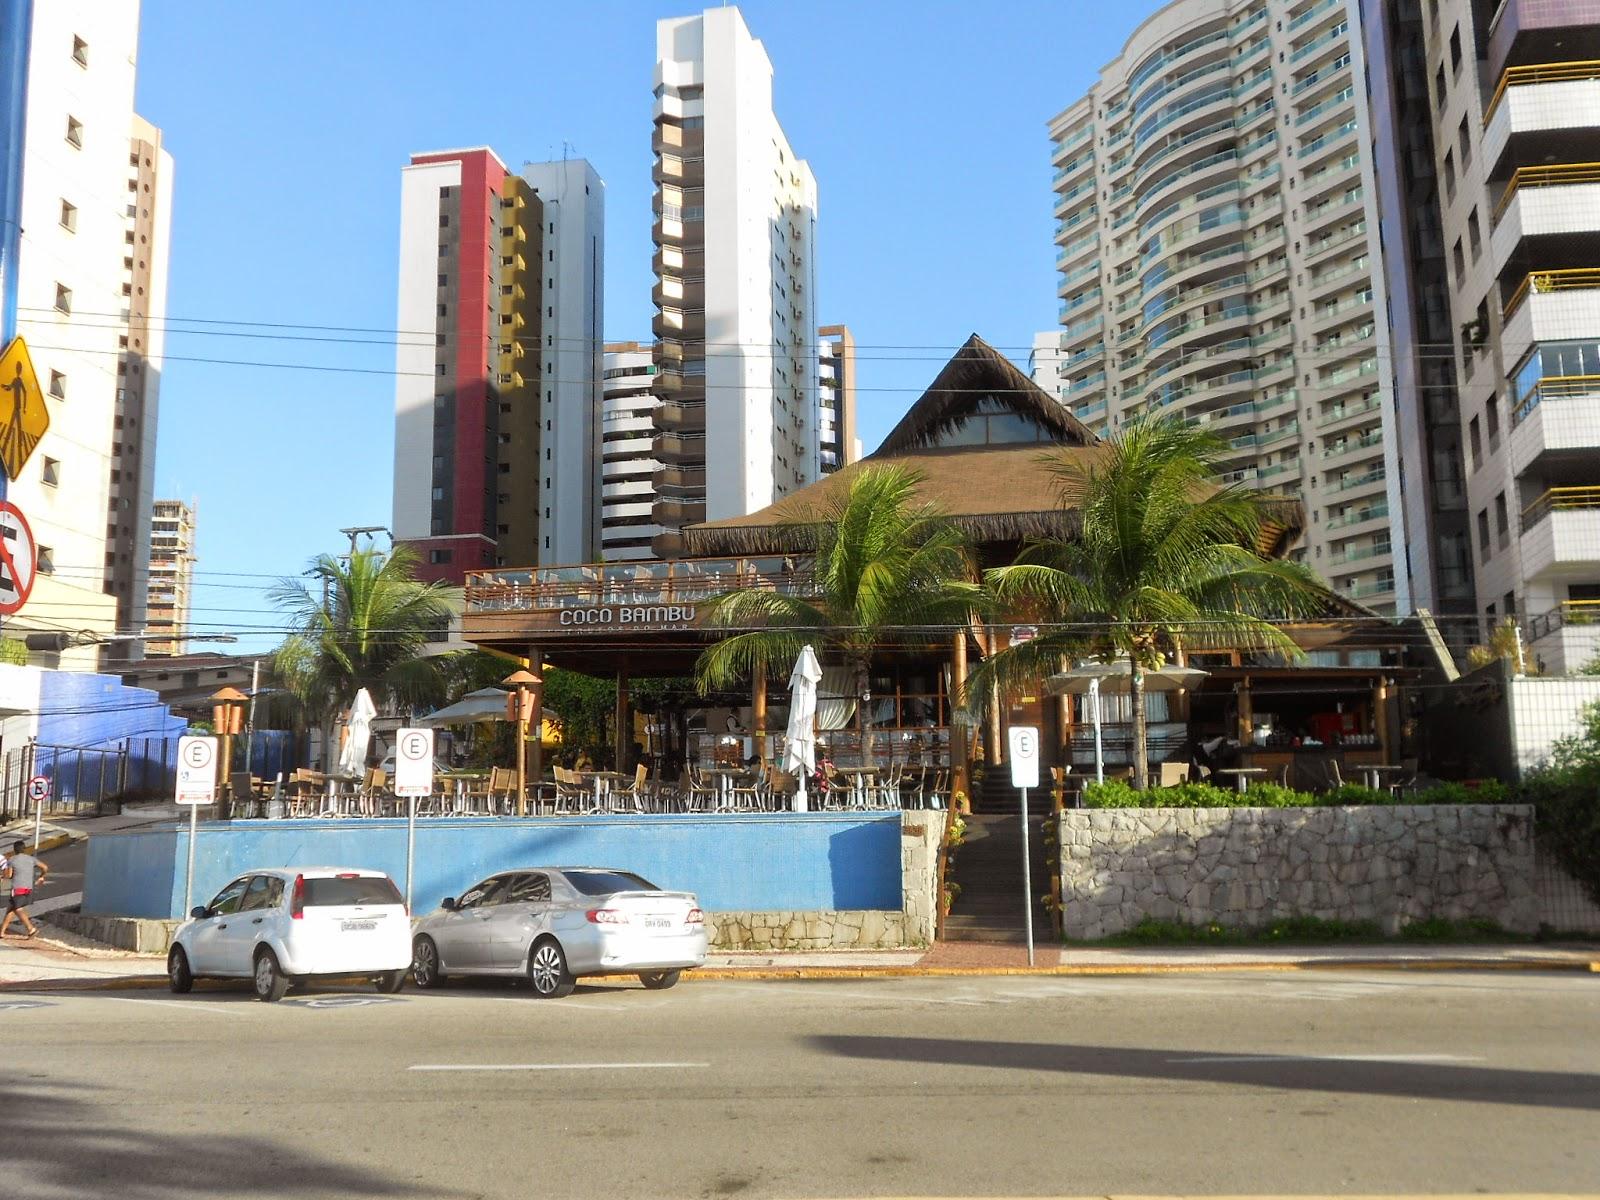 Côco Bambu da Av. Beira Mar - Fortaleza